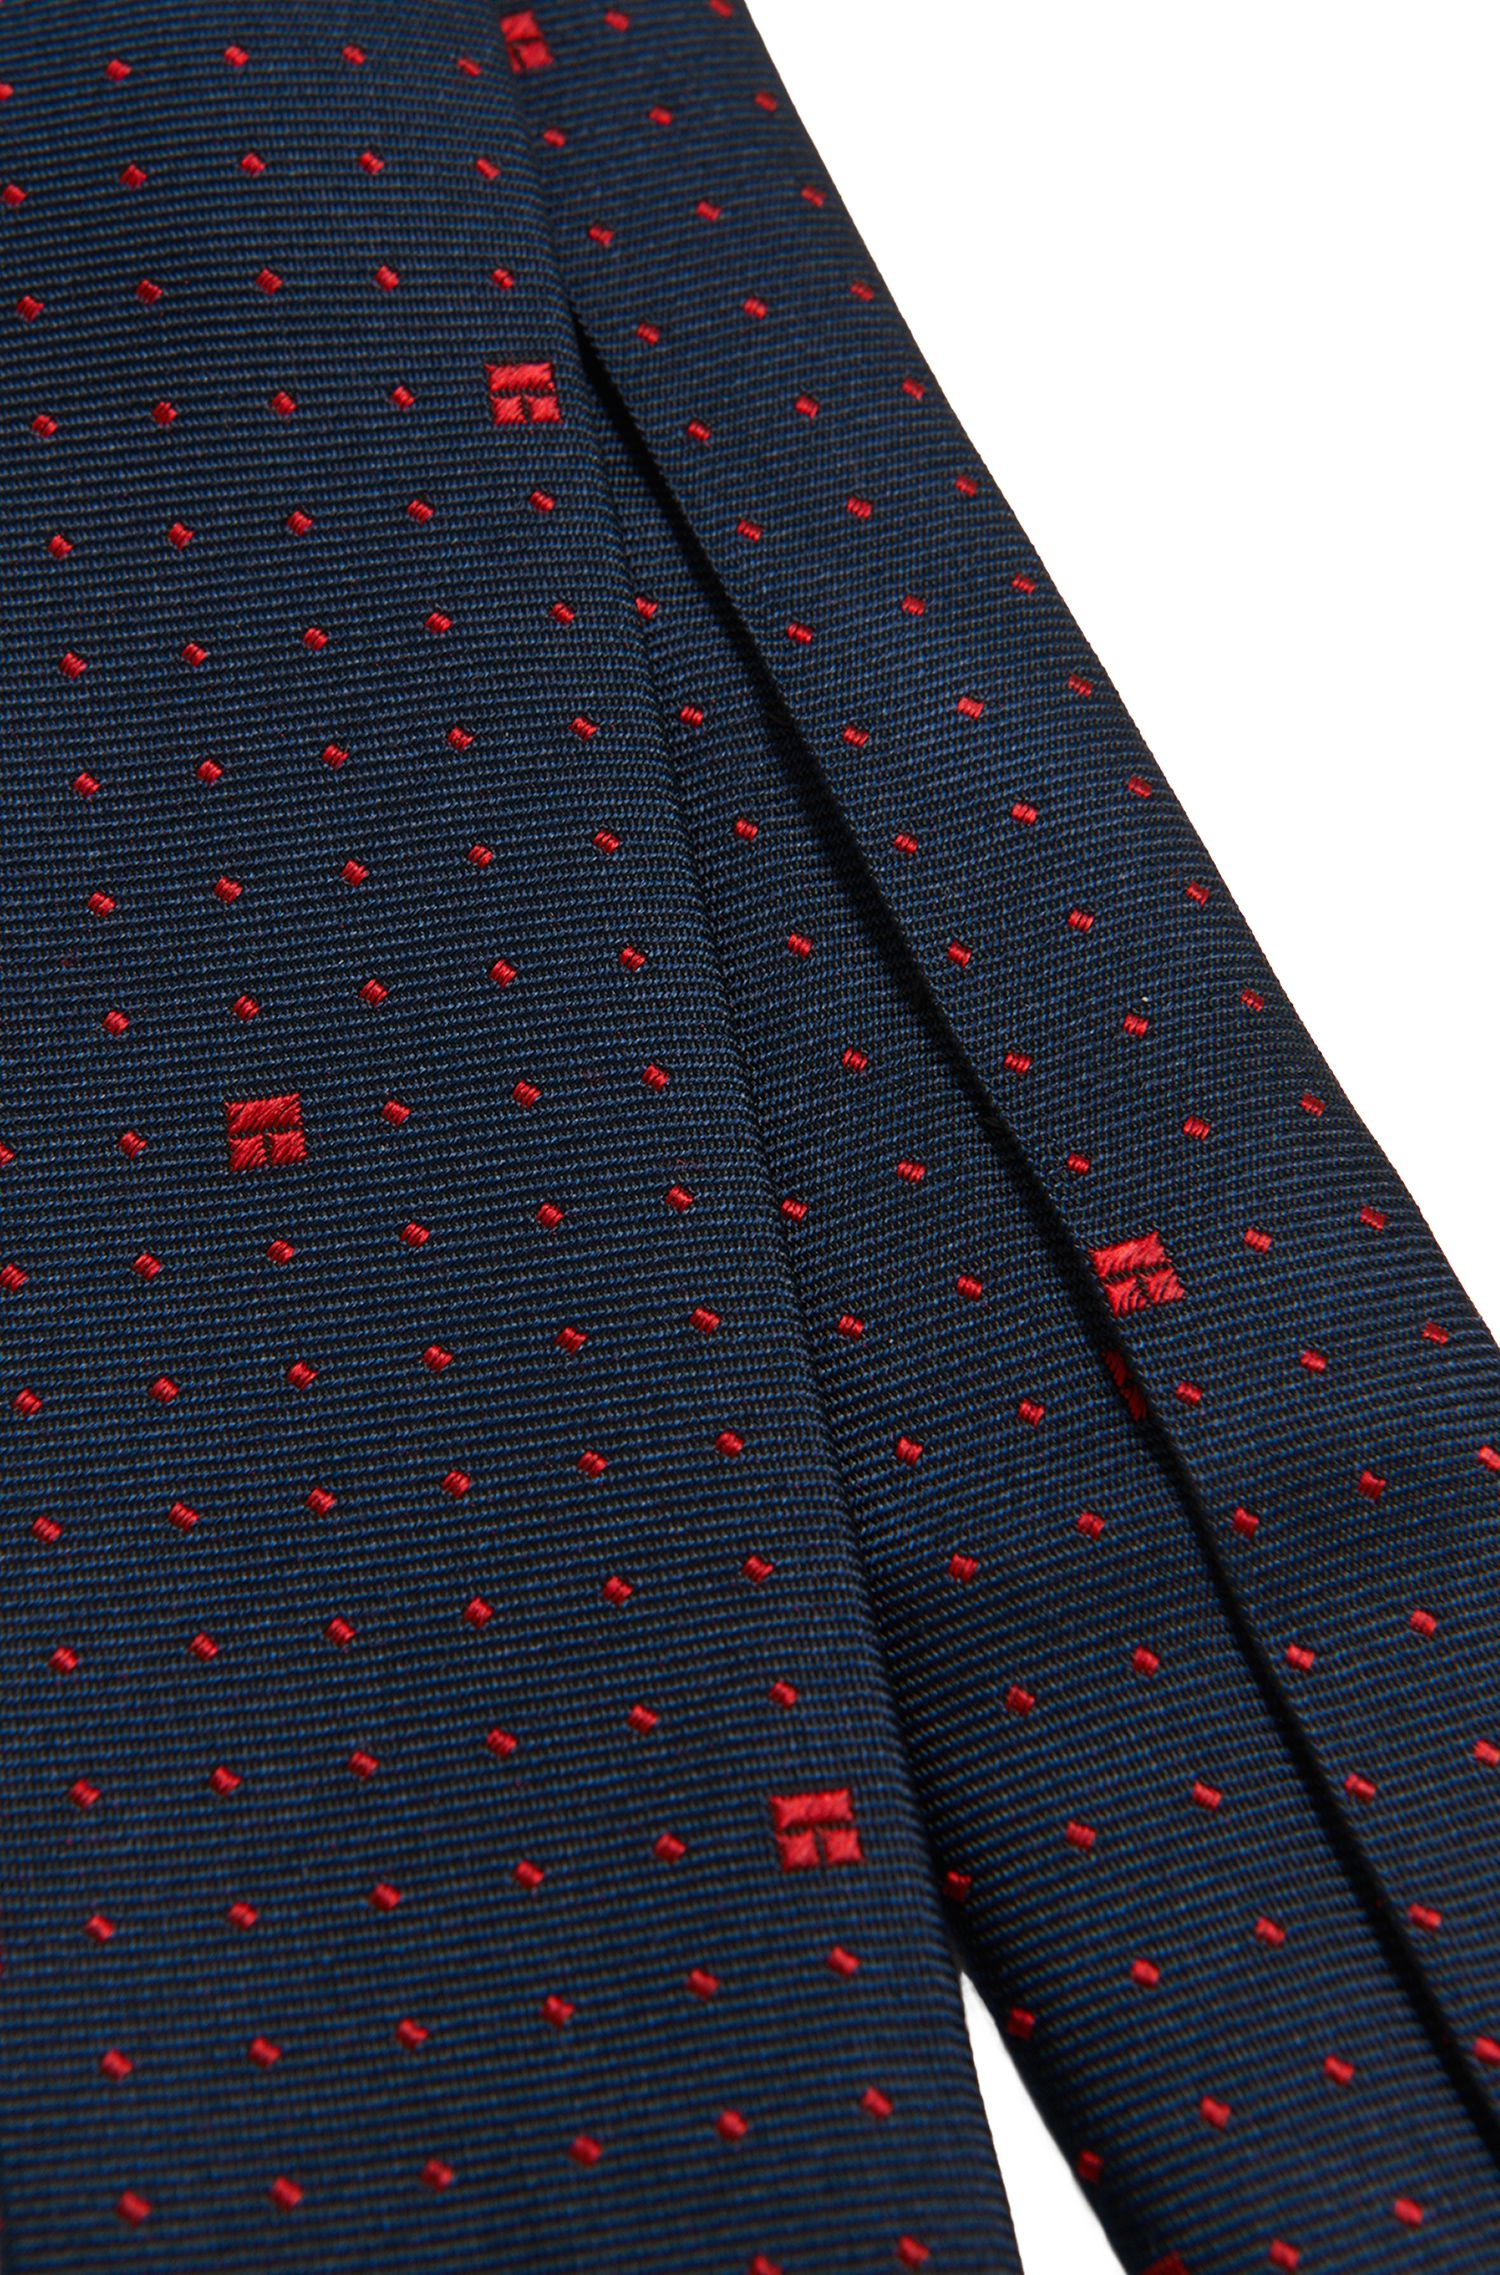 Gemusterte Kids-Krawatte aus Seide: 'J20189', Gemustert